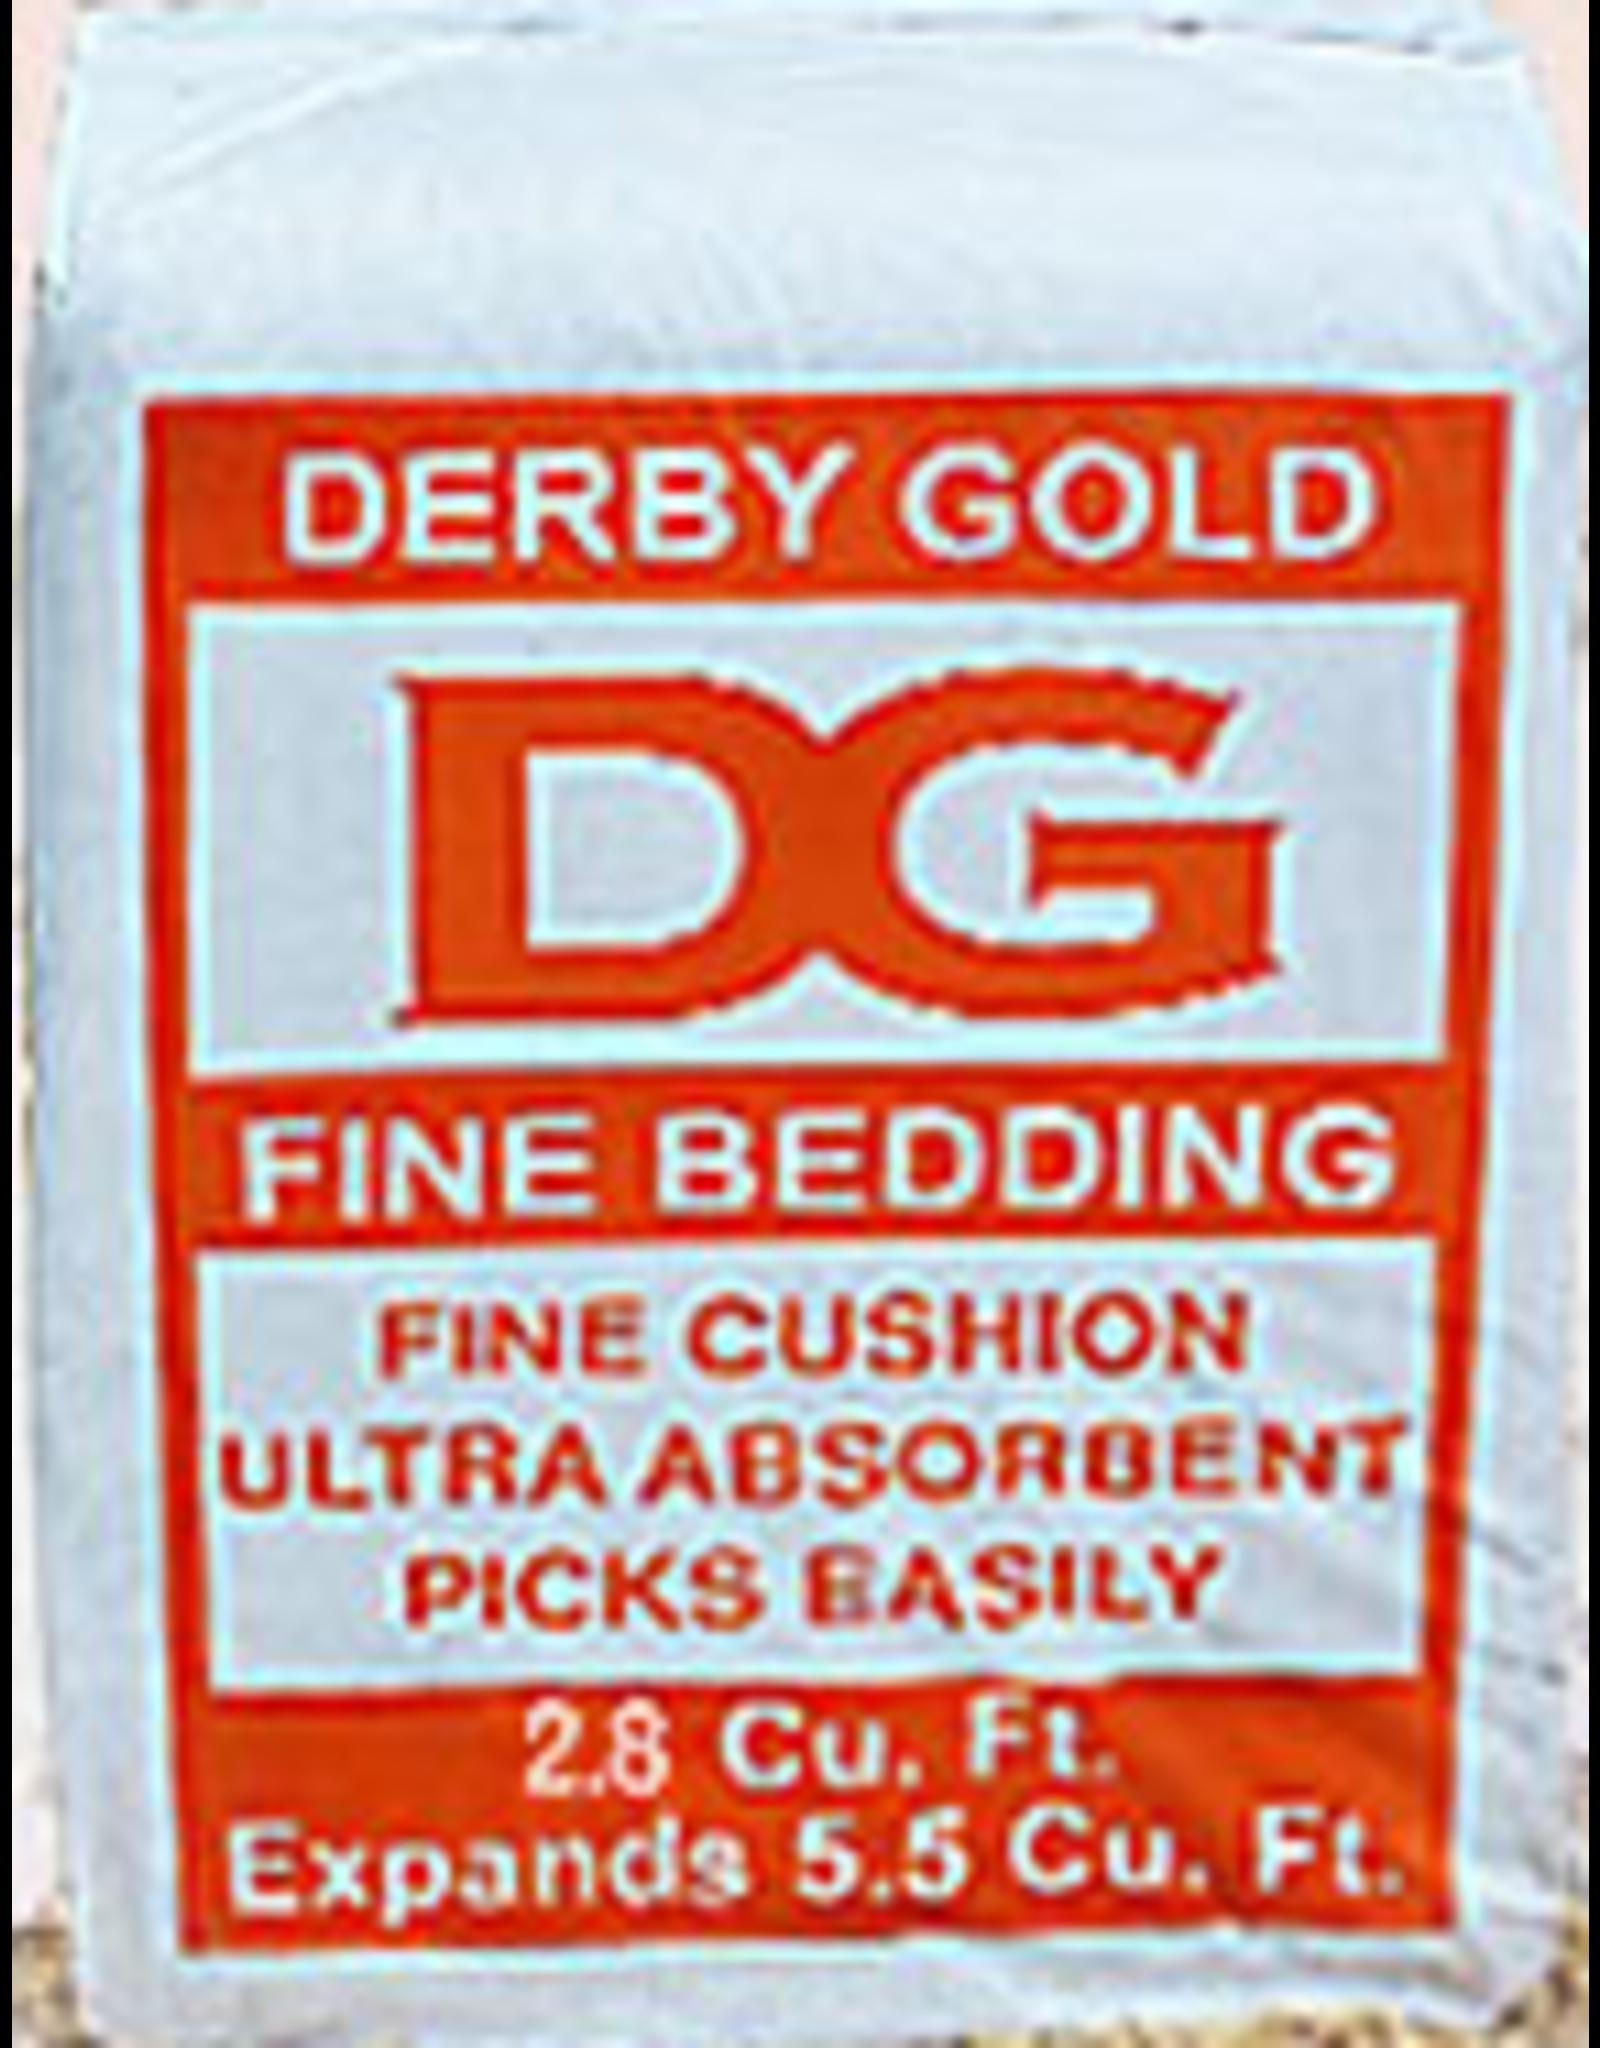 Derby Gold Fine,  5.5 CF (Orange Bag)